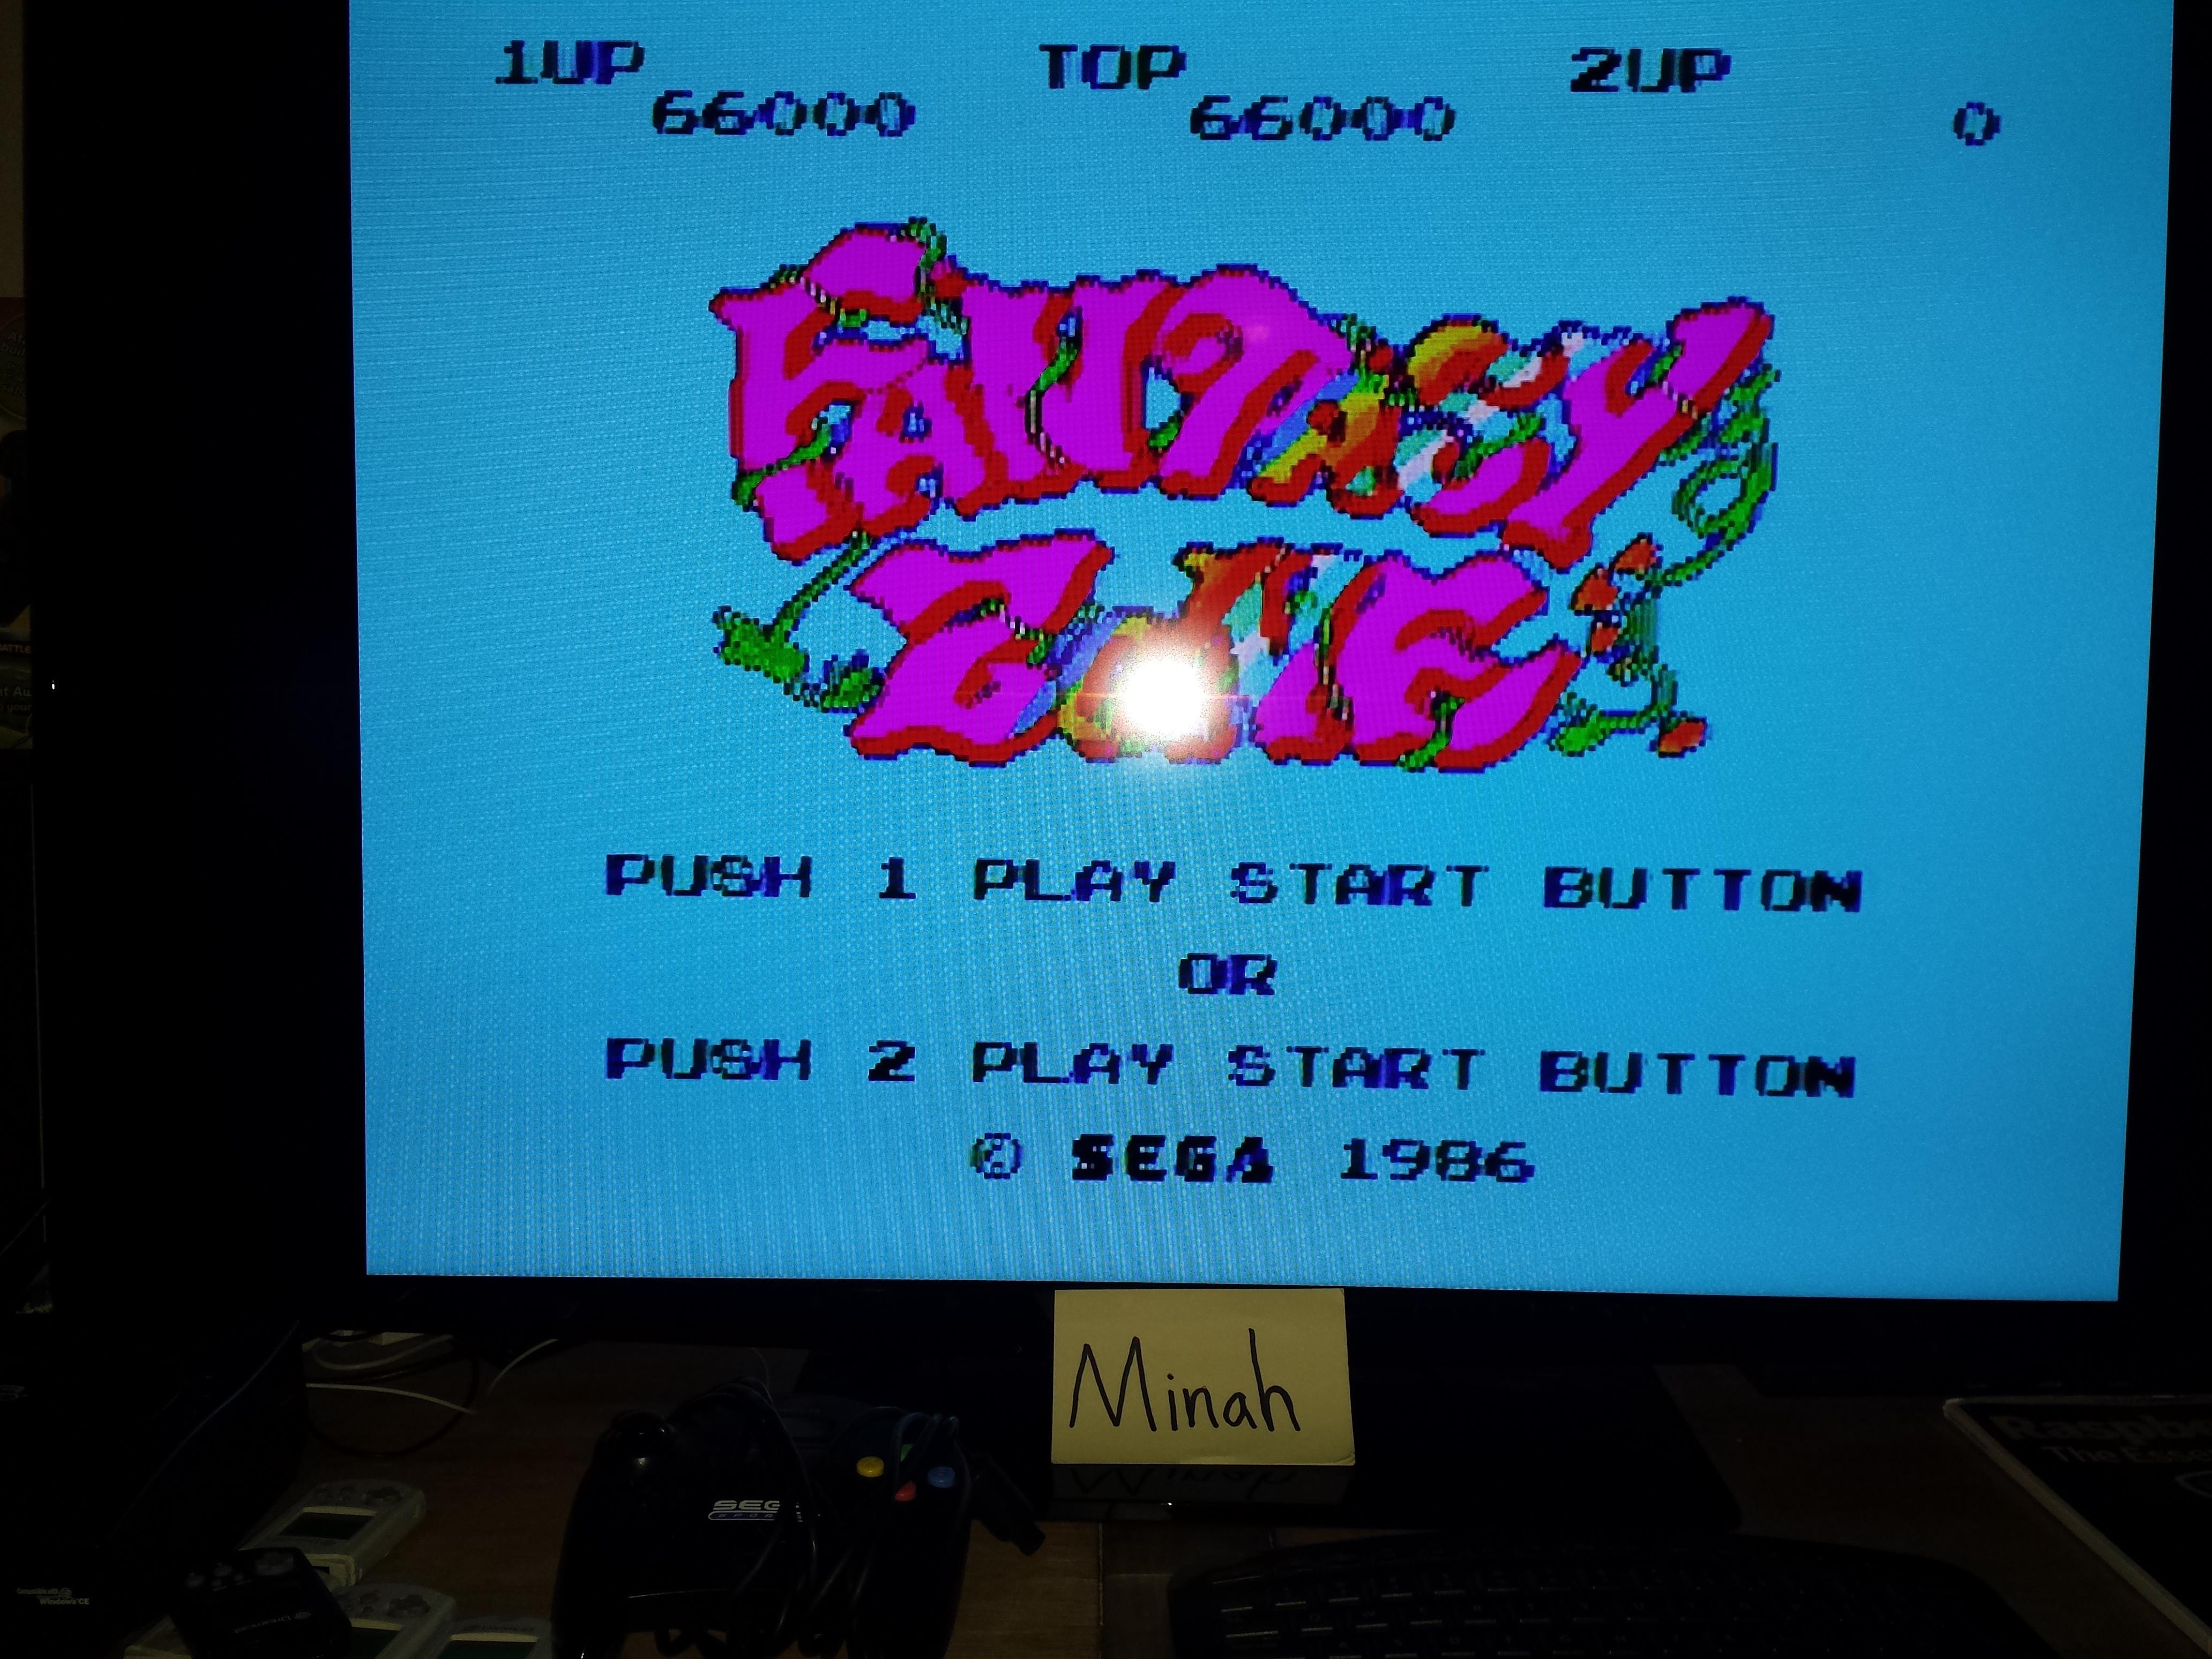 Fantasy Zone 66,000 points